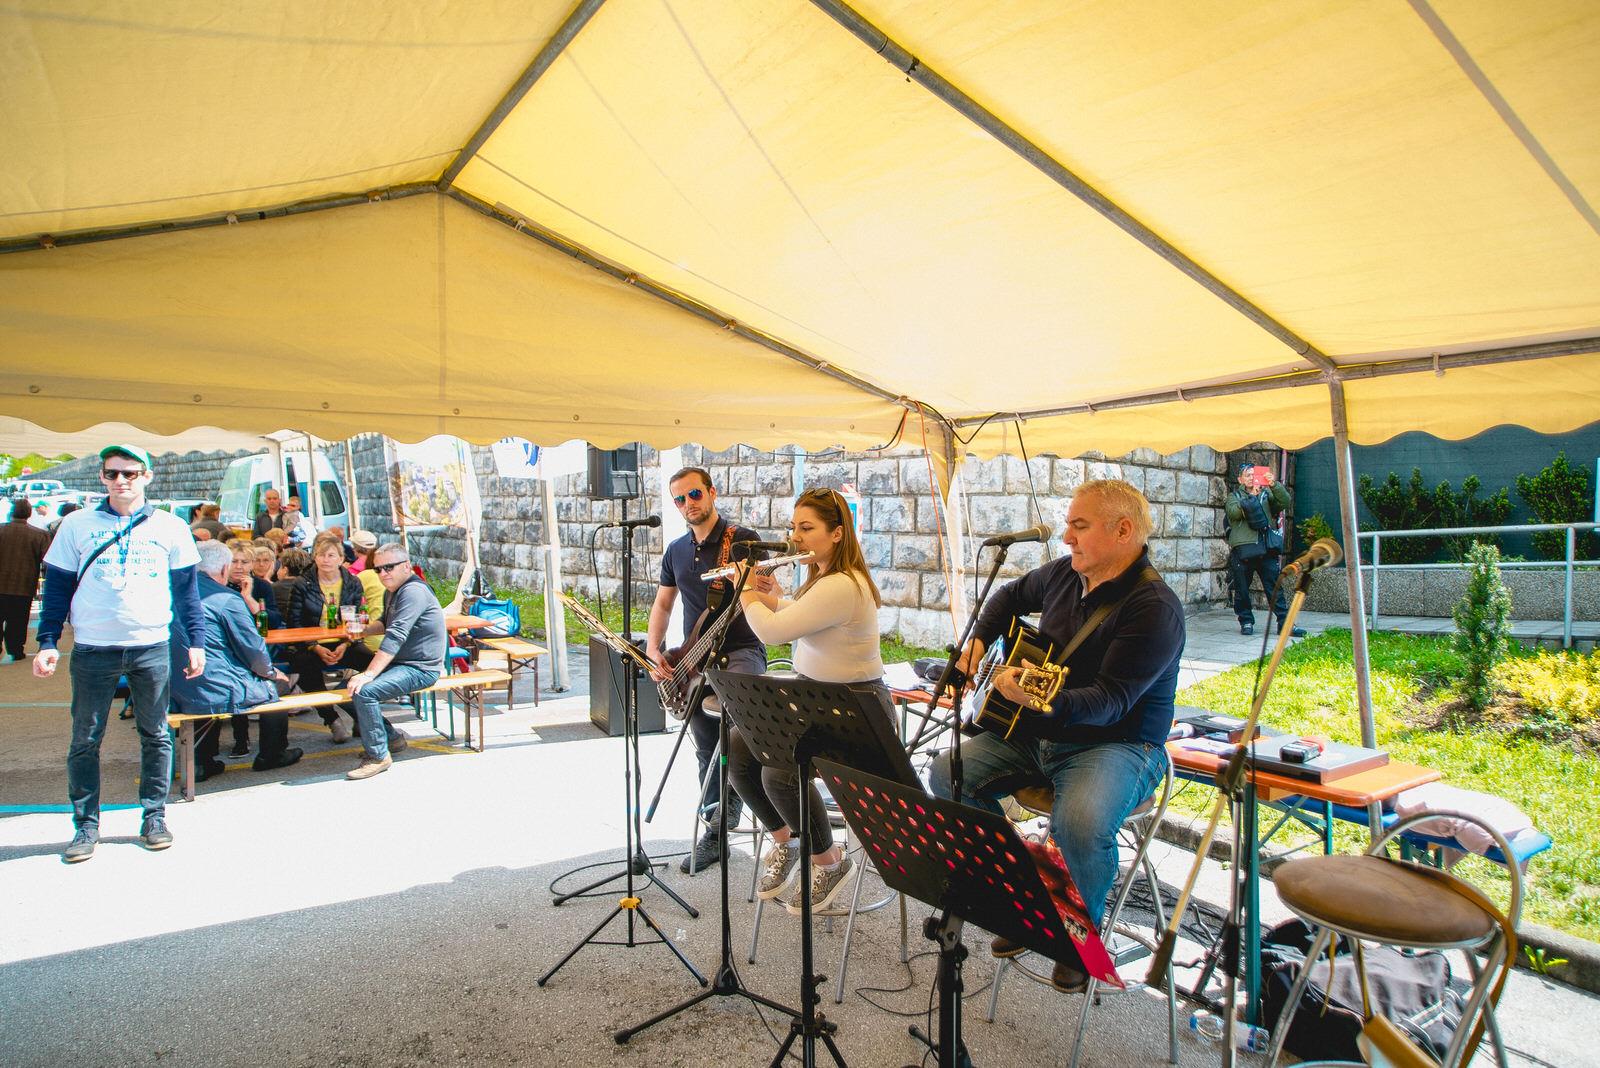 likaclub_slunj_rastoke_5-festival-nordijskog-hodanja_2019-90